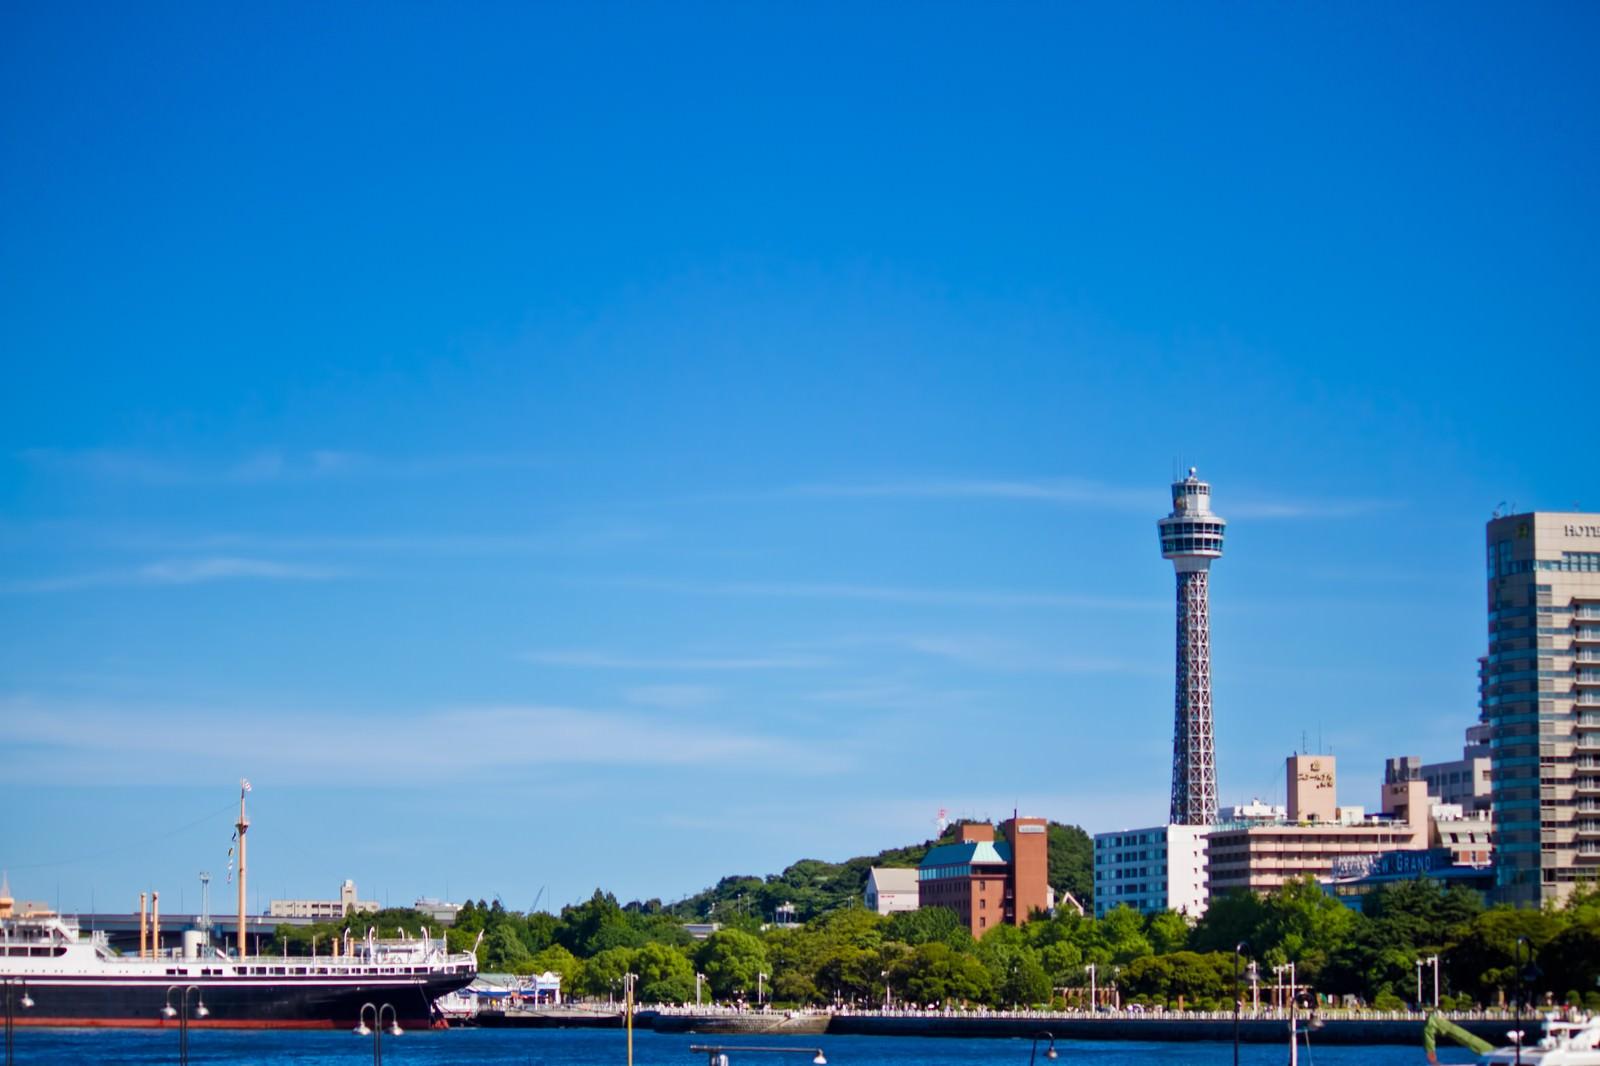 「マリンタワーと氷川丸」の写真